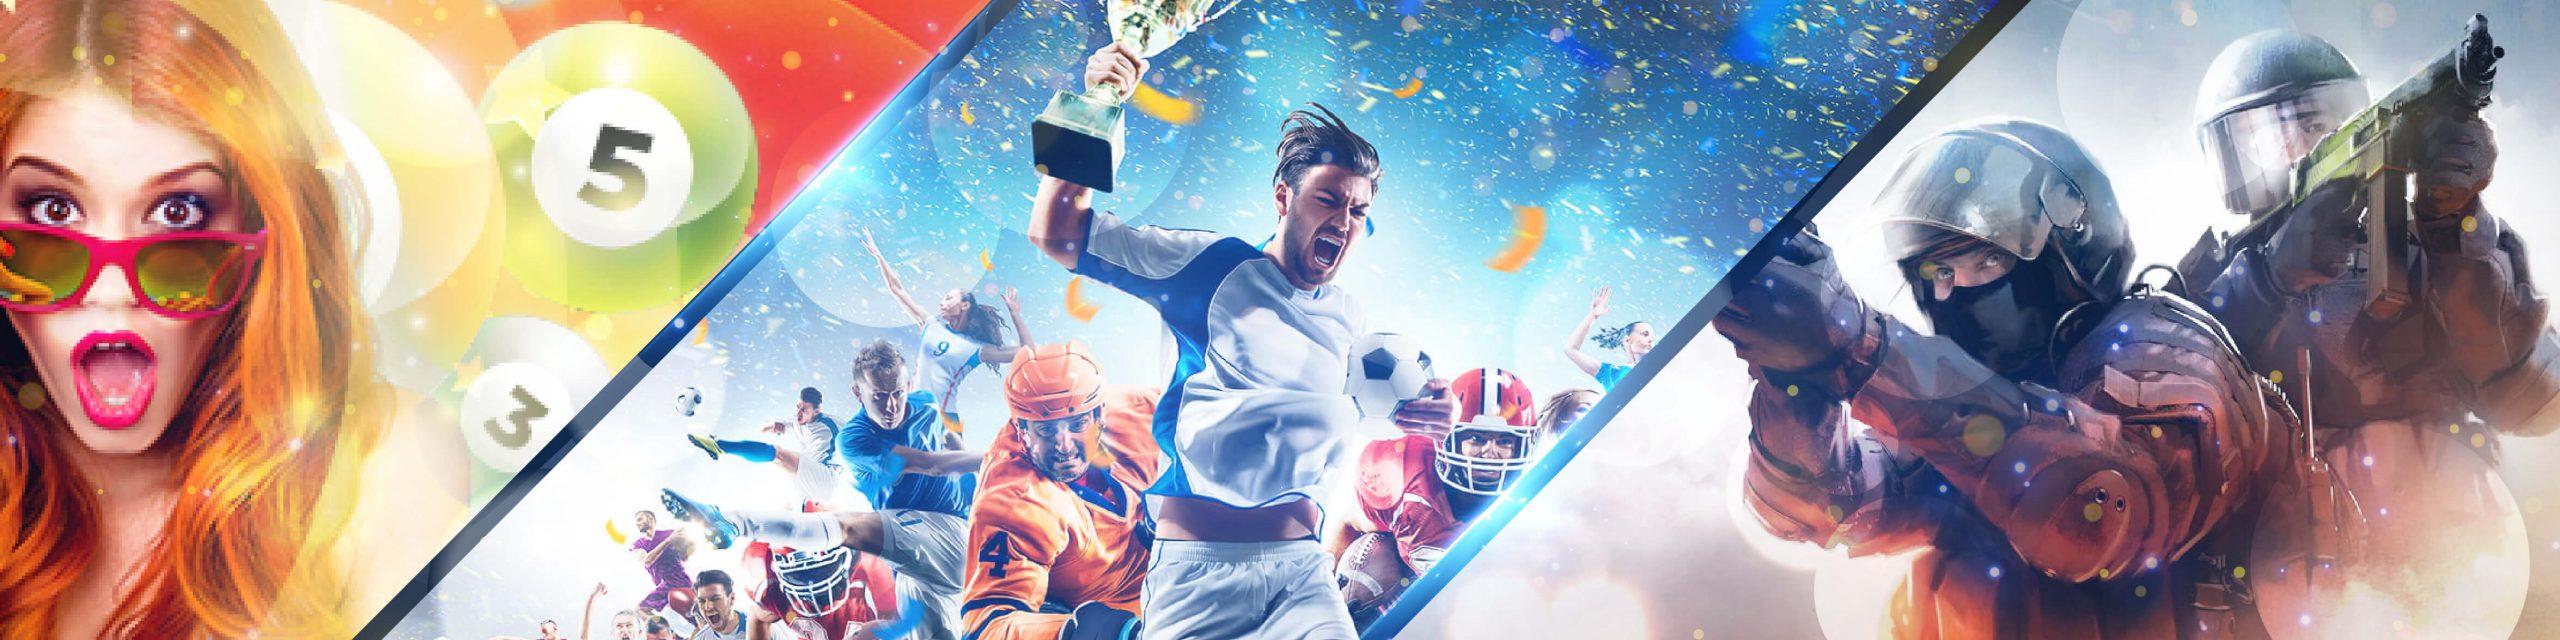 imprexisgaming - games banner